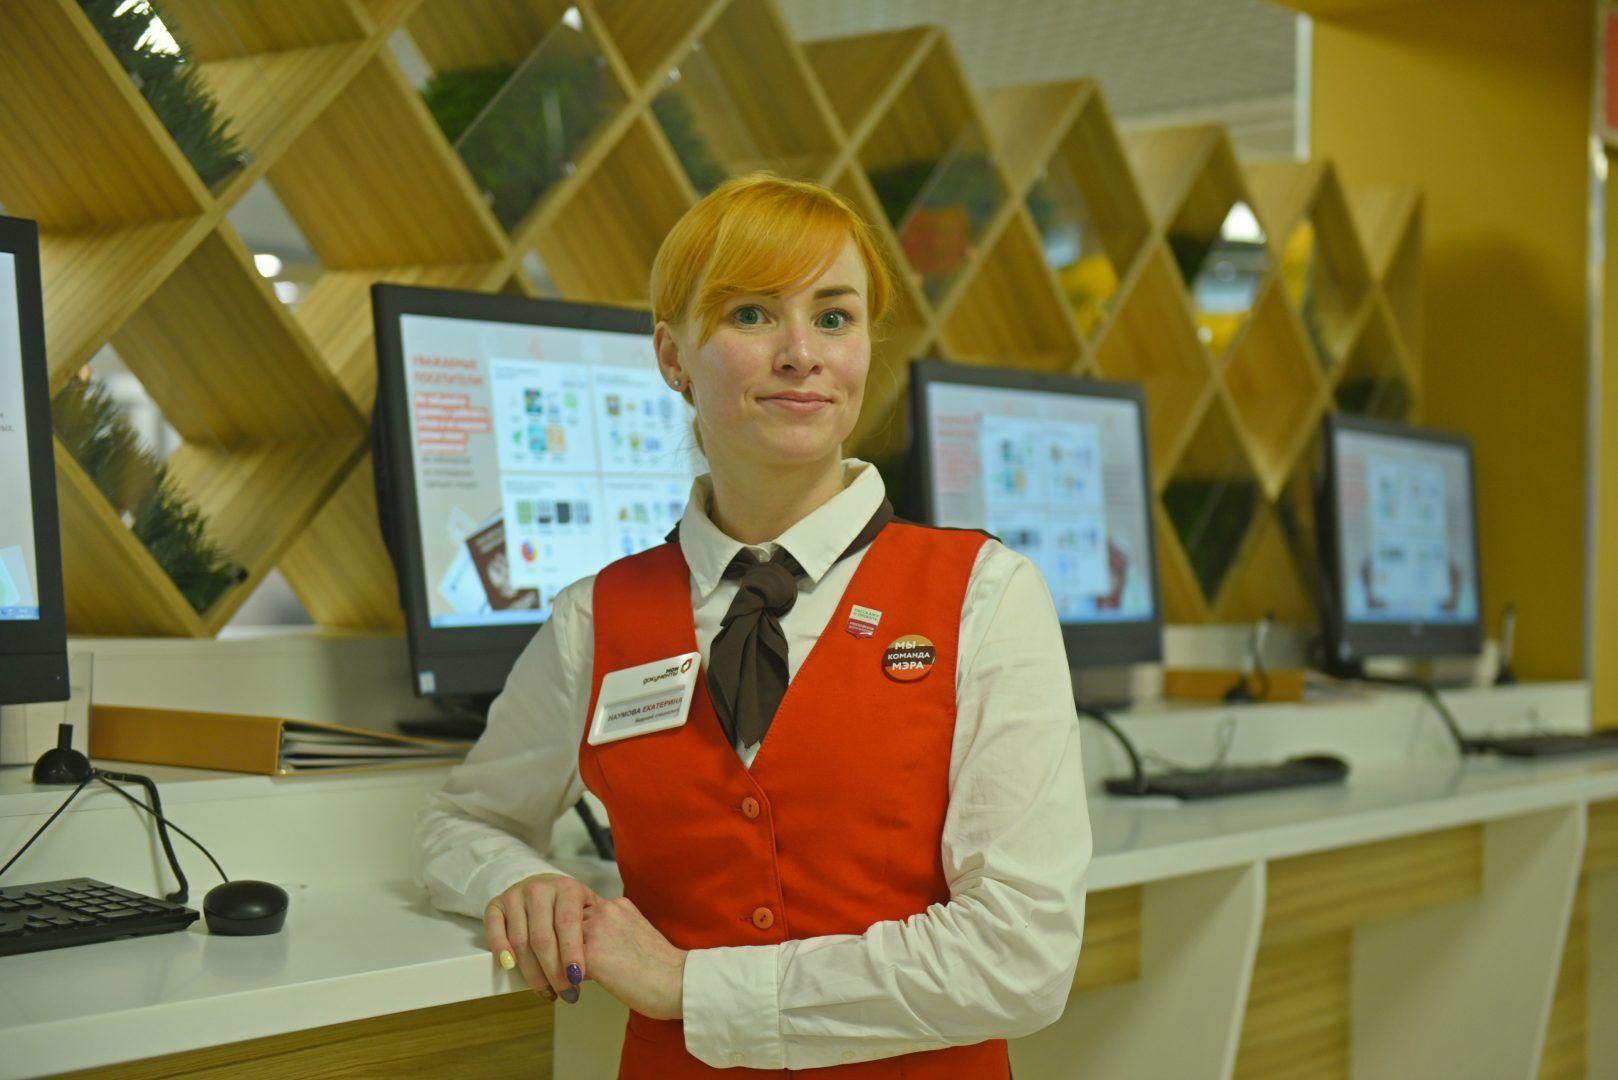 Офис стал третьим полноценным центром «Мои документы» в Новой Москве. Фото: Александр Кожохин